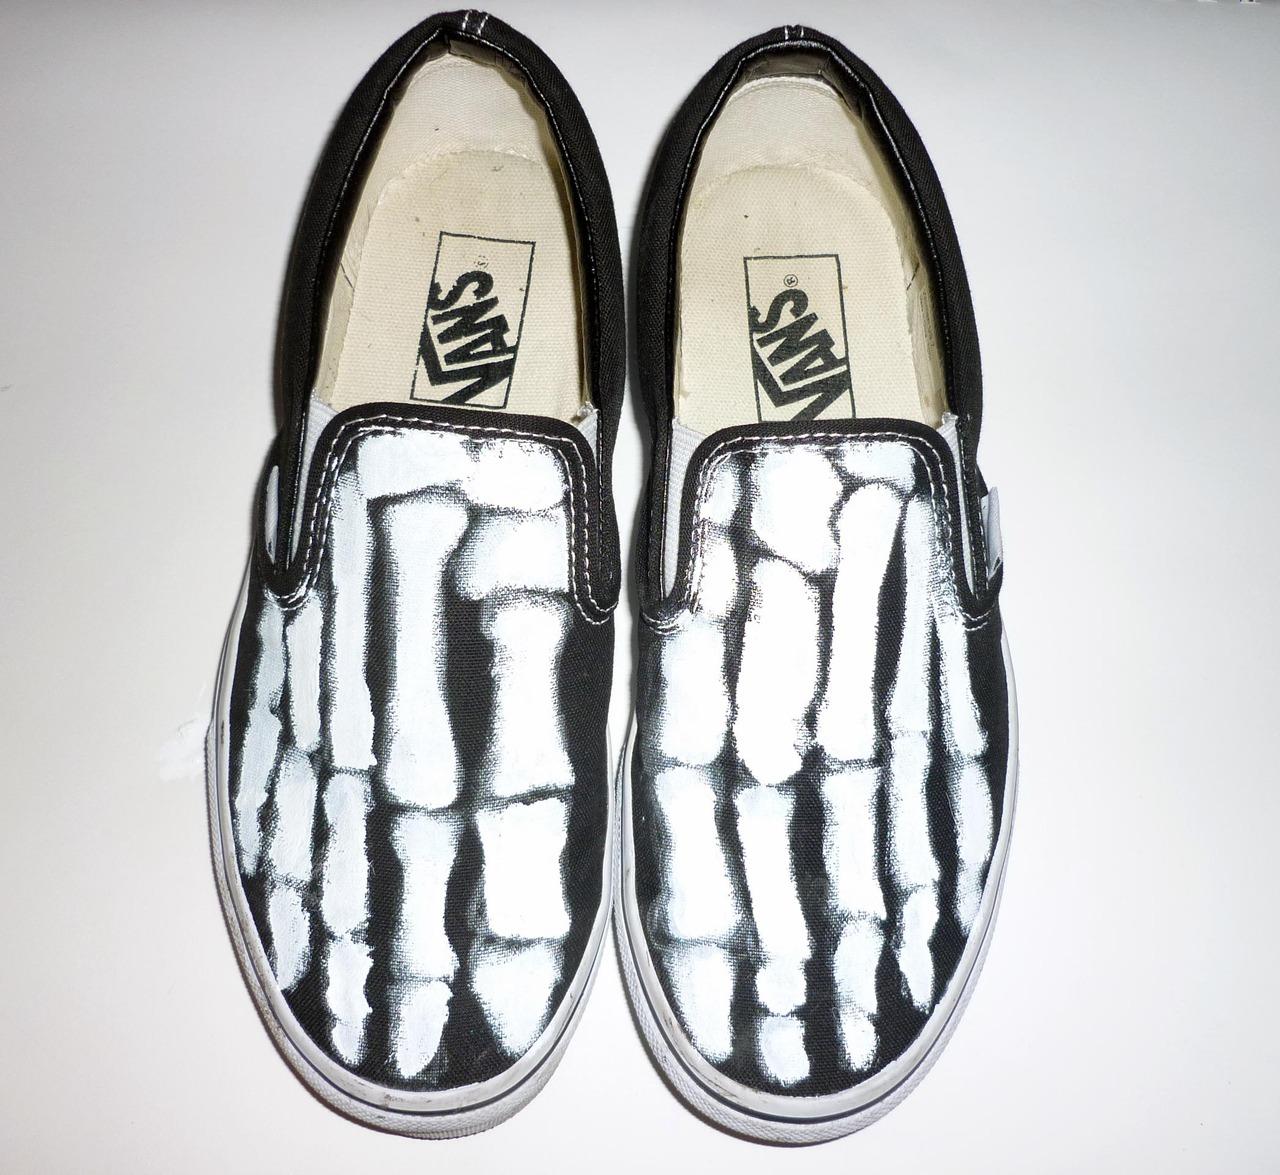 Drawn vans skeleton Vans Slip DIY DIY Ons